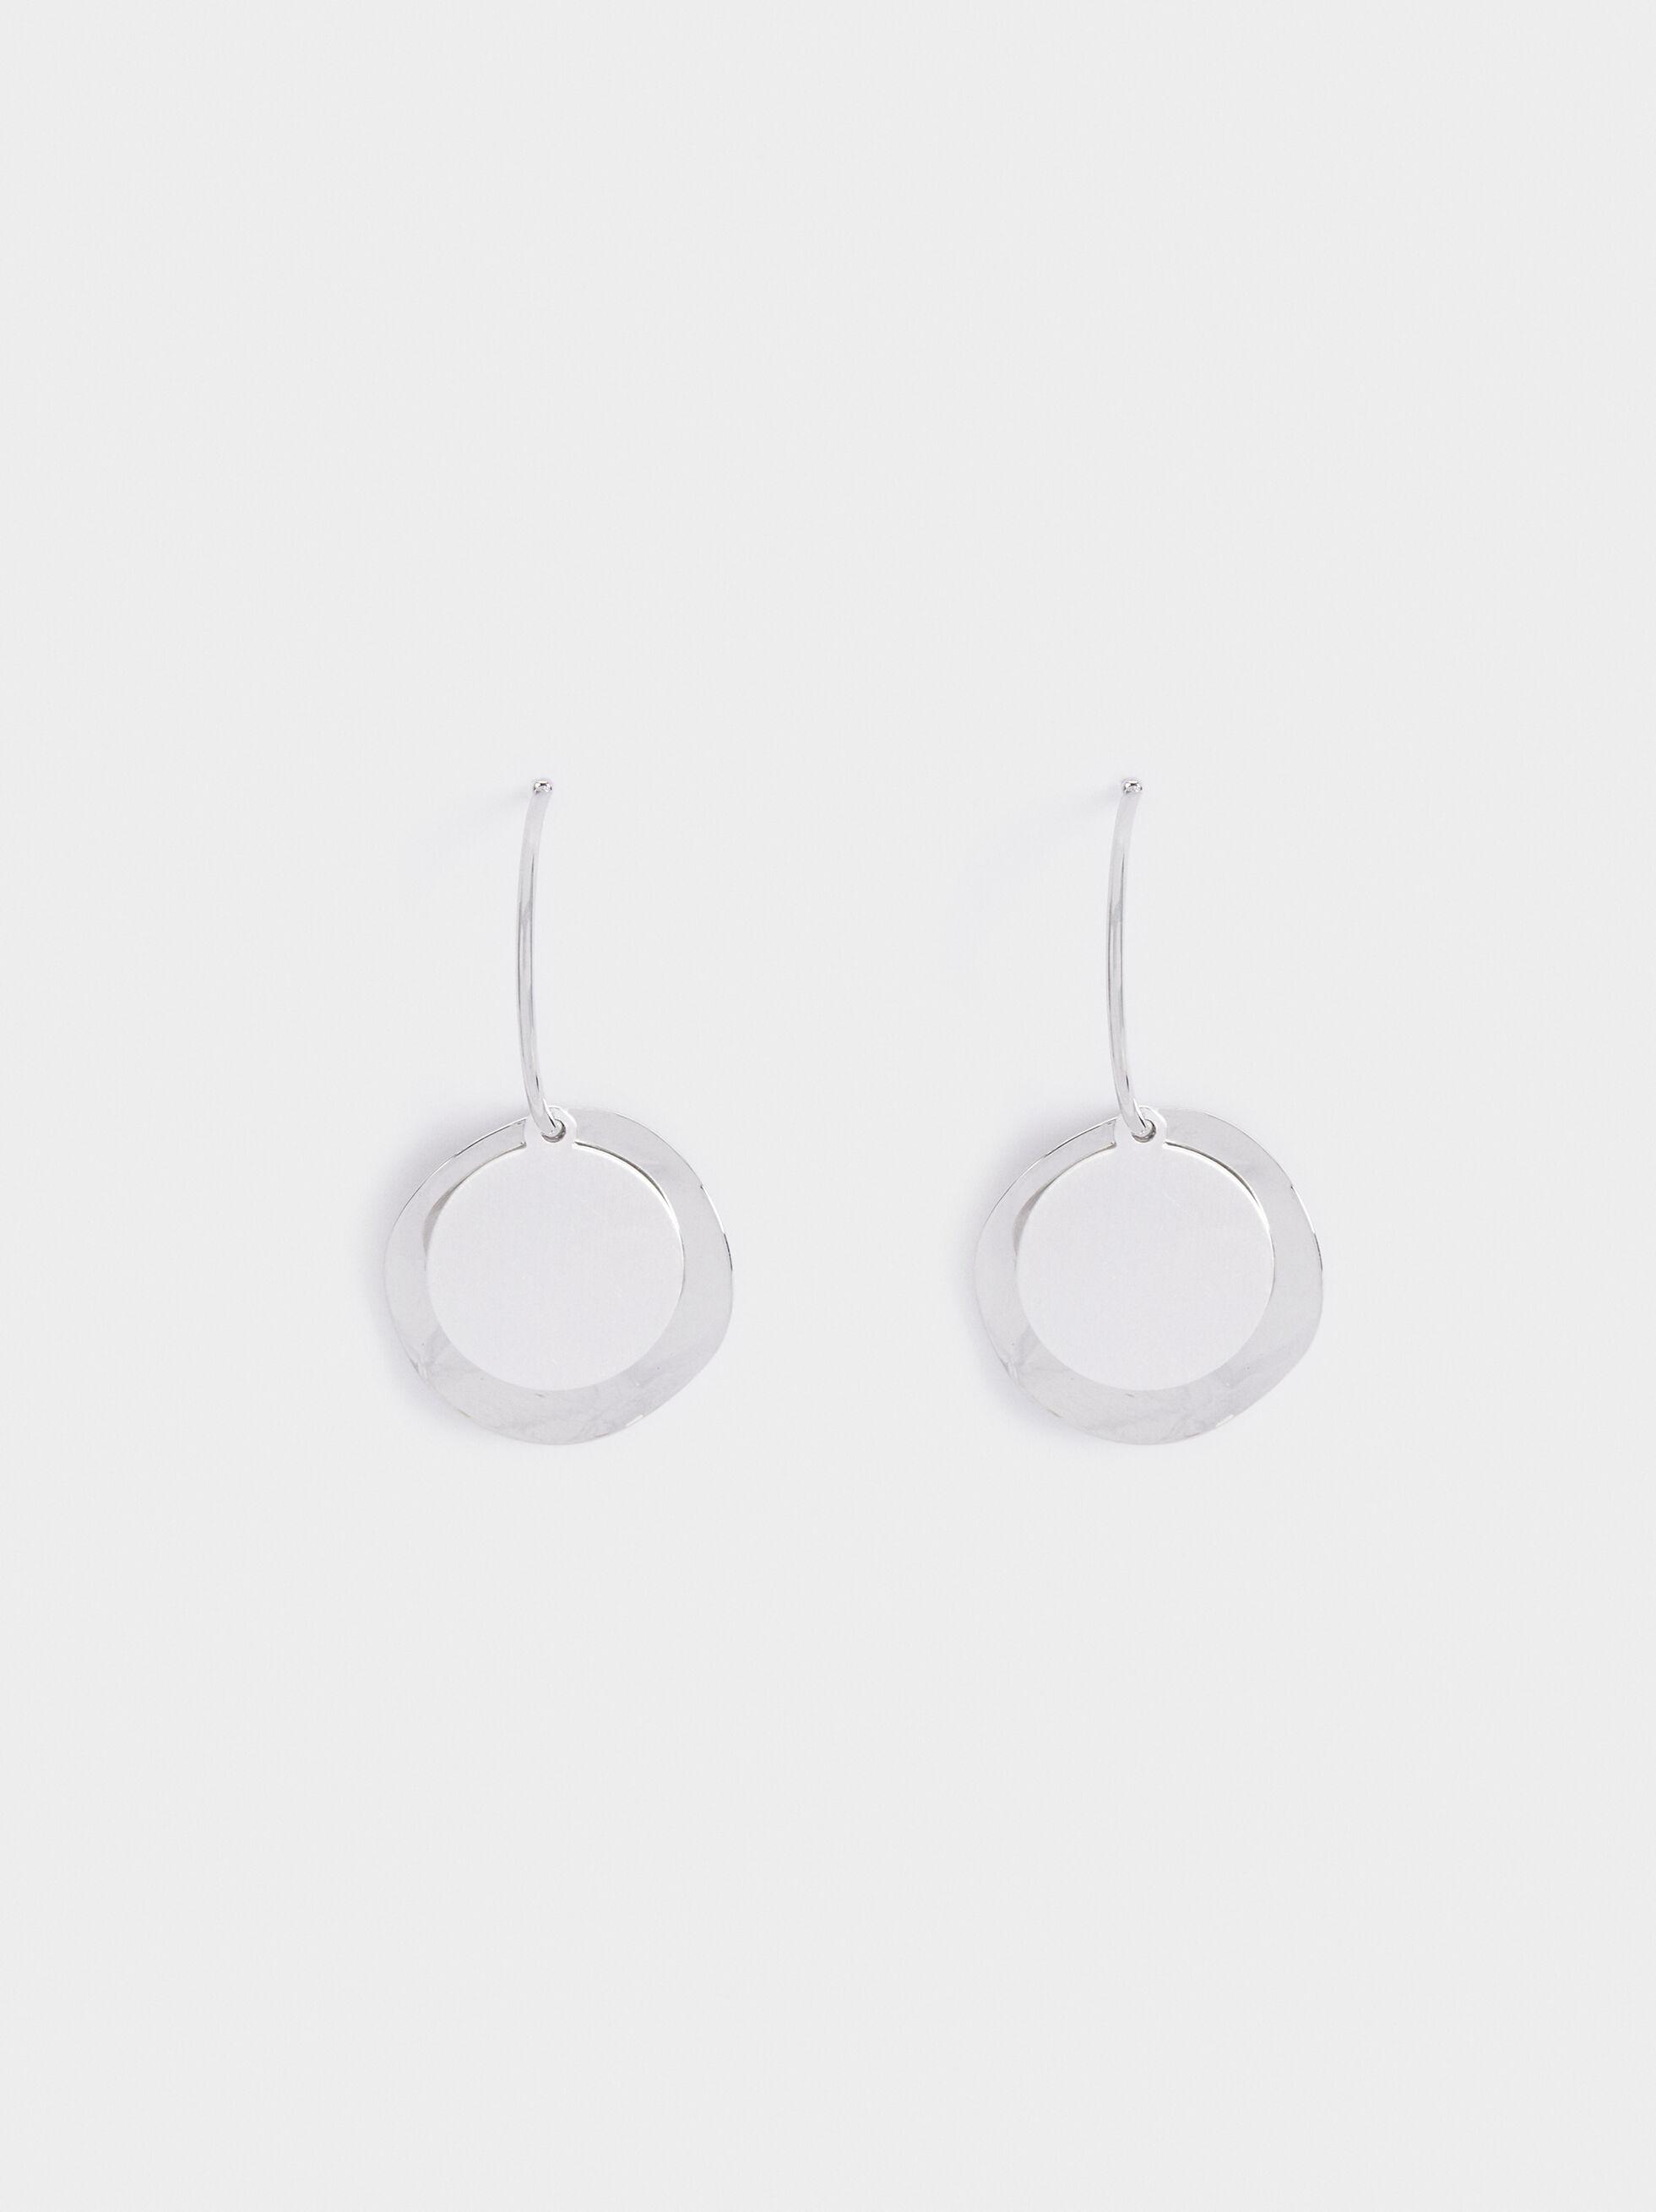 Medium Hoop Earrings With Pendants, Silver, hi-res